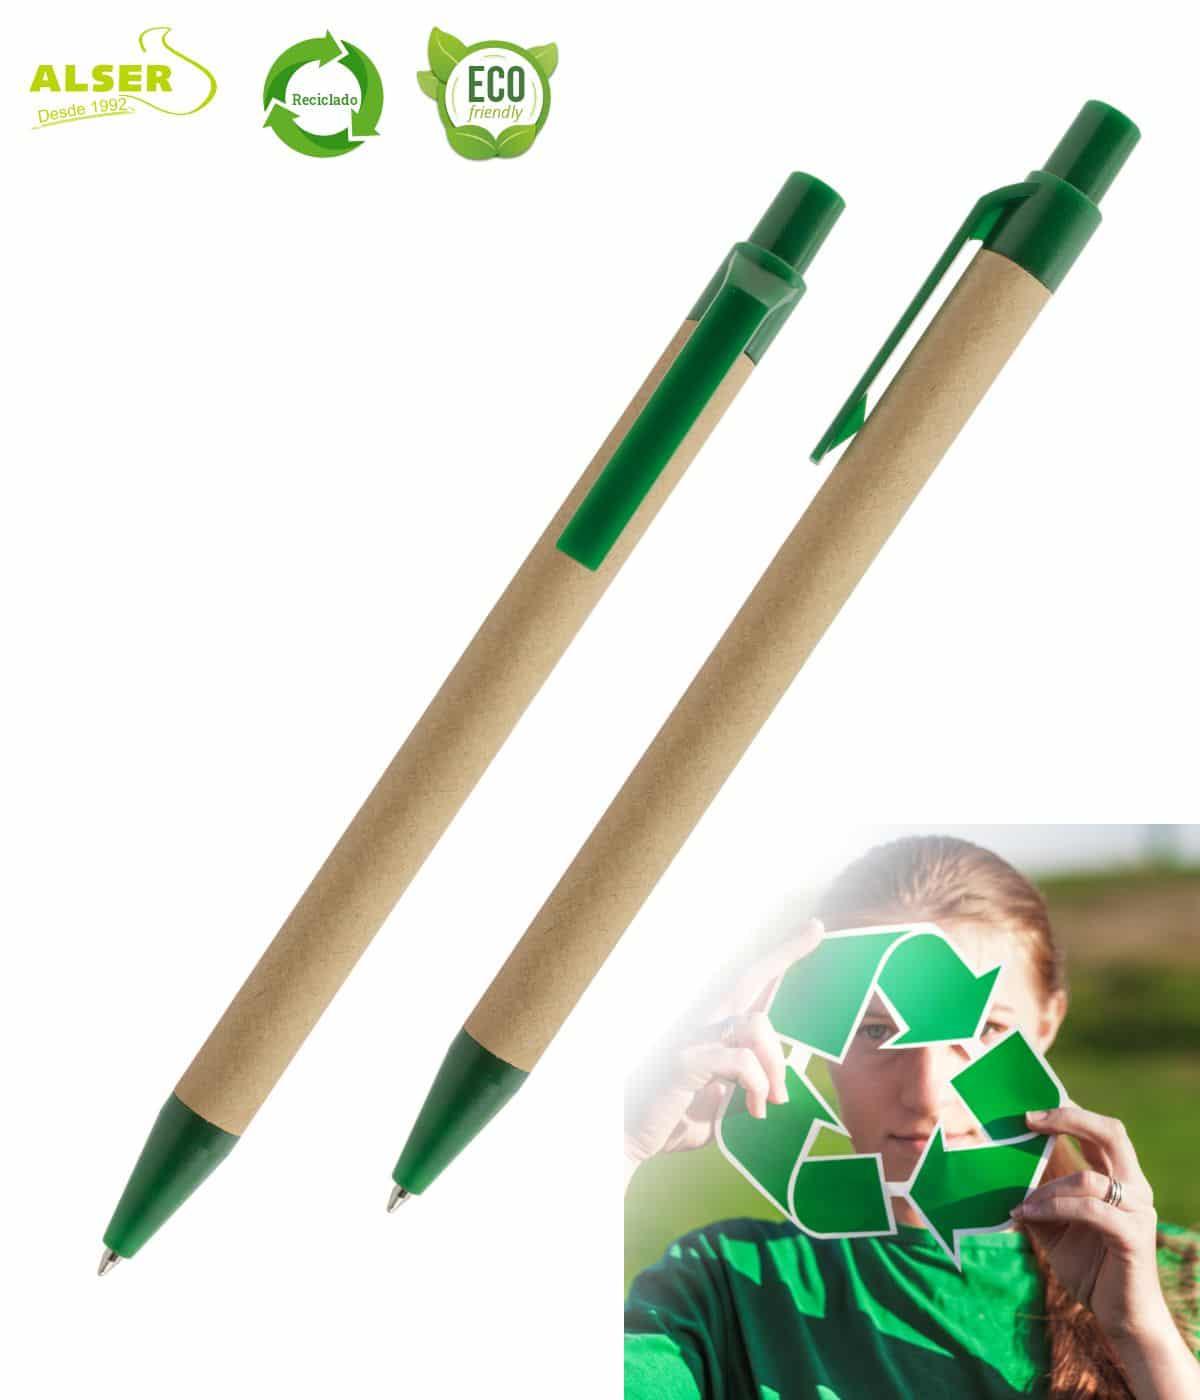 Bolígrafo de carton reciclado verde